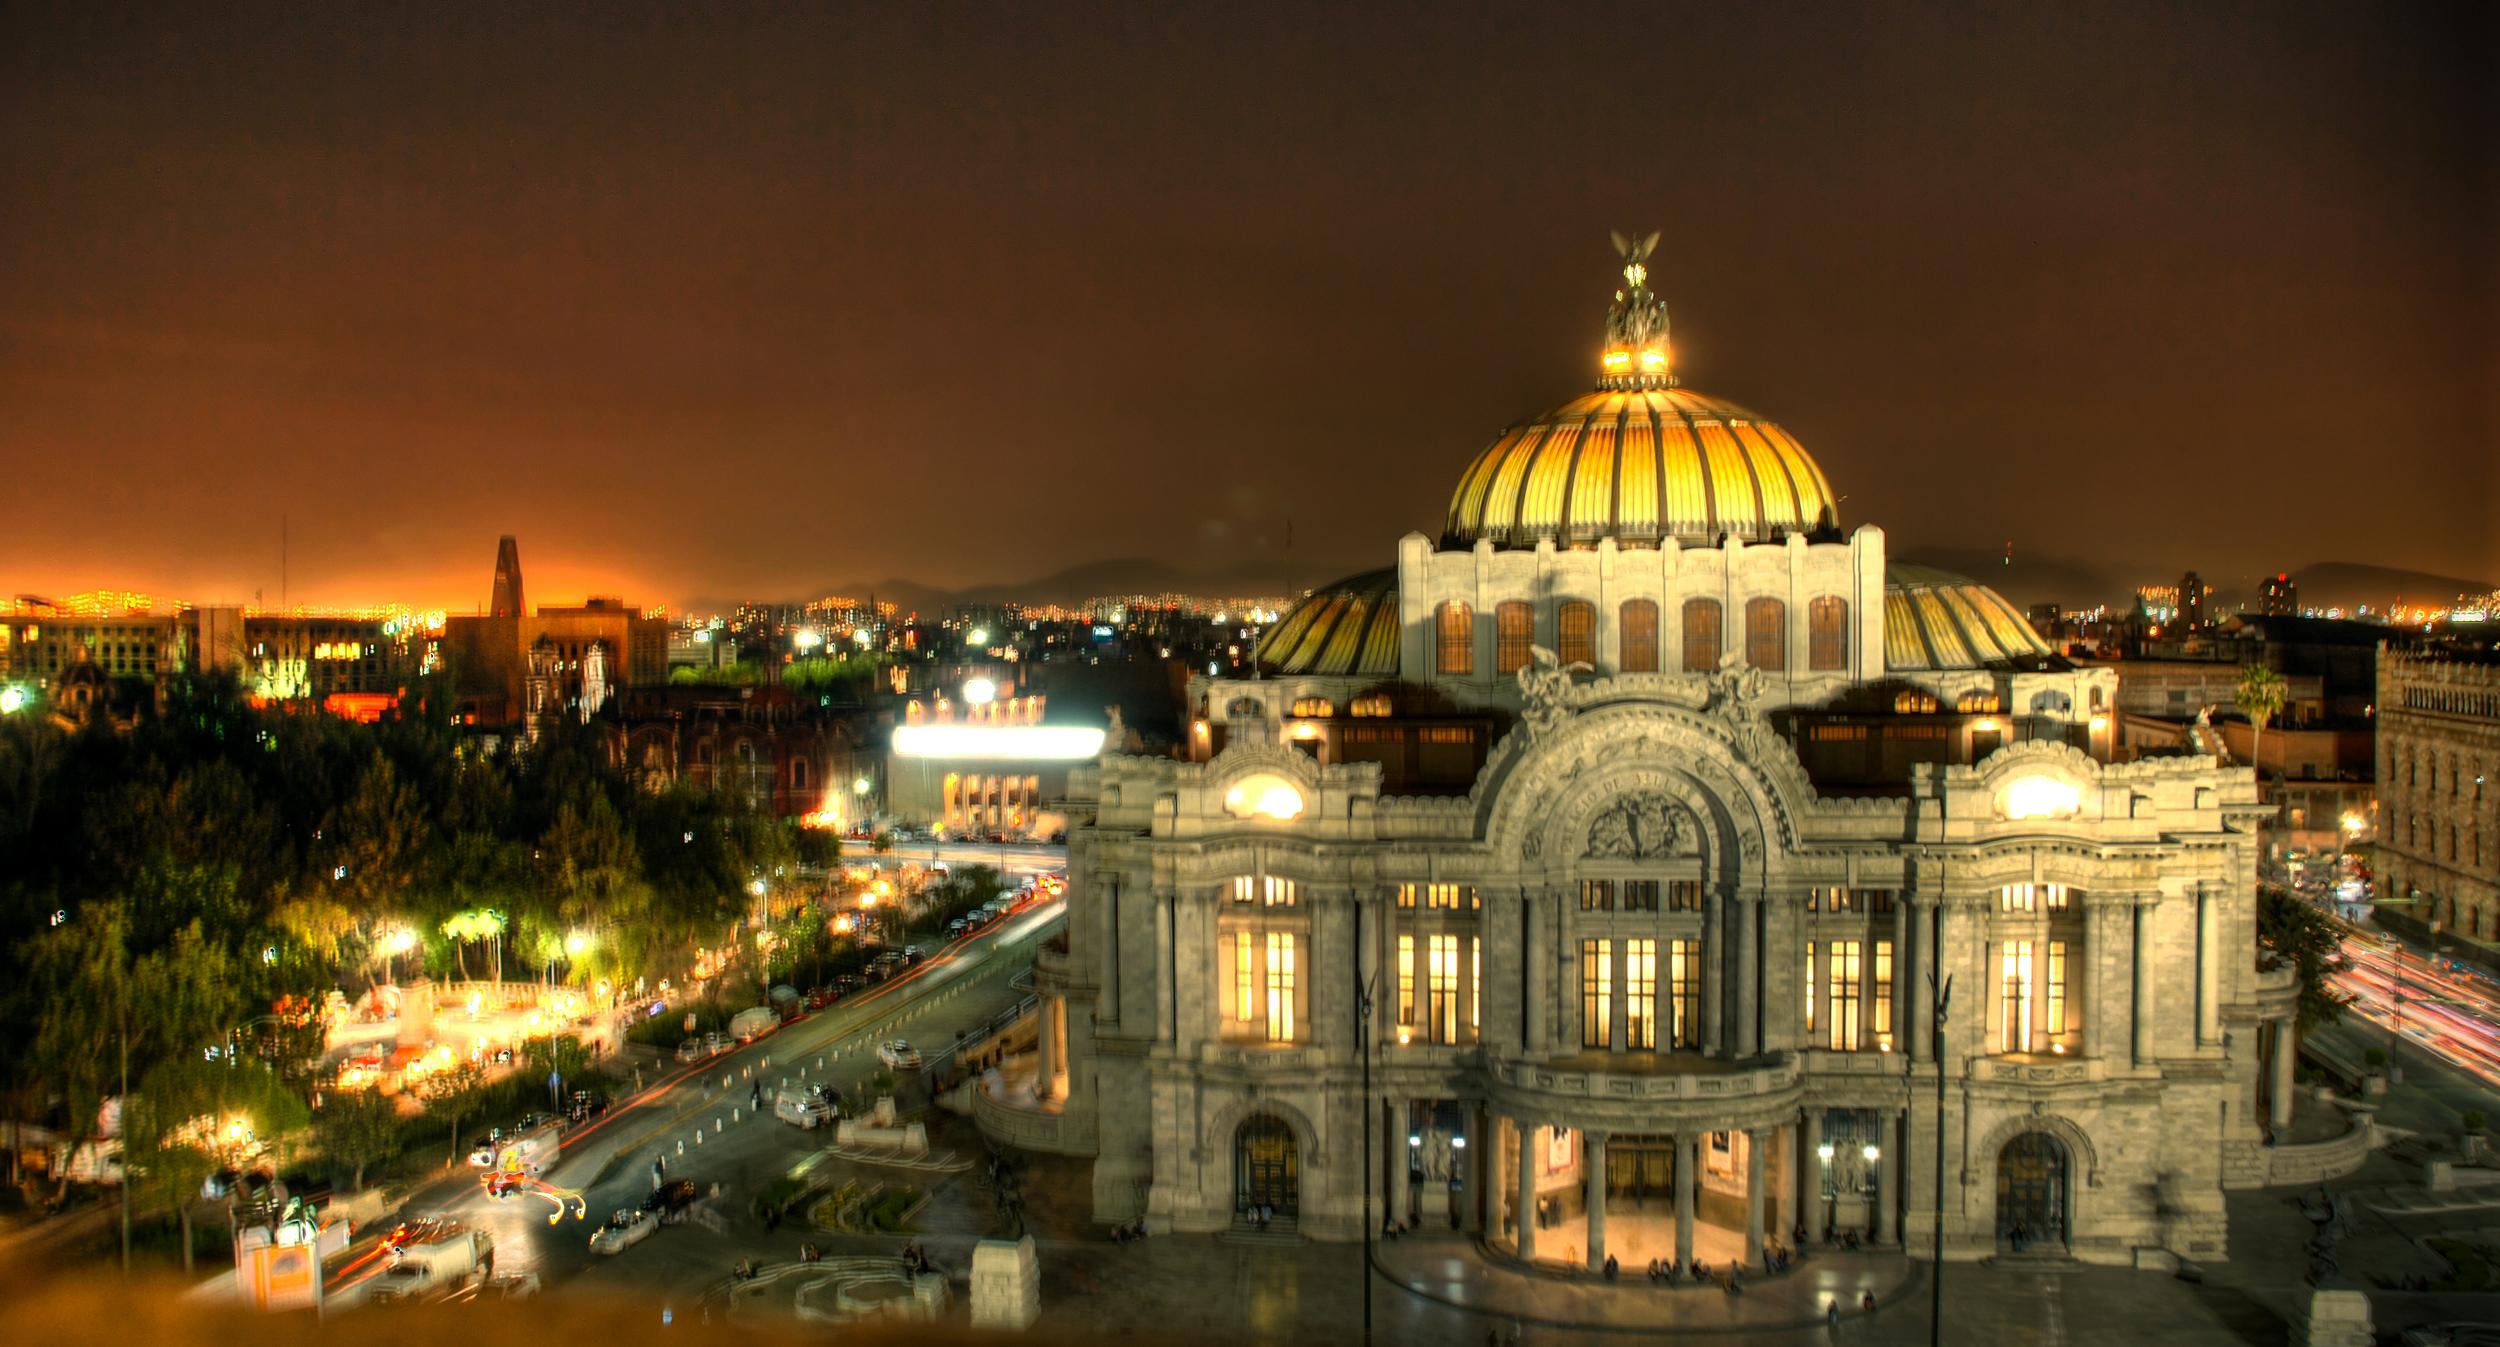 Palacio de Bellas Artes. Flickr/Eneas de Troya